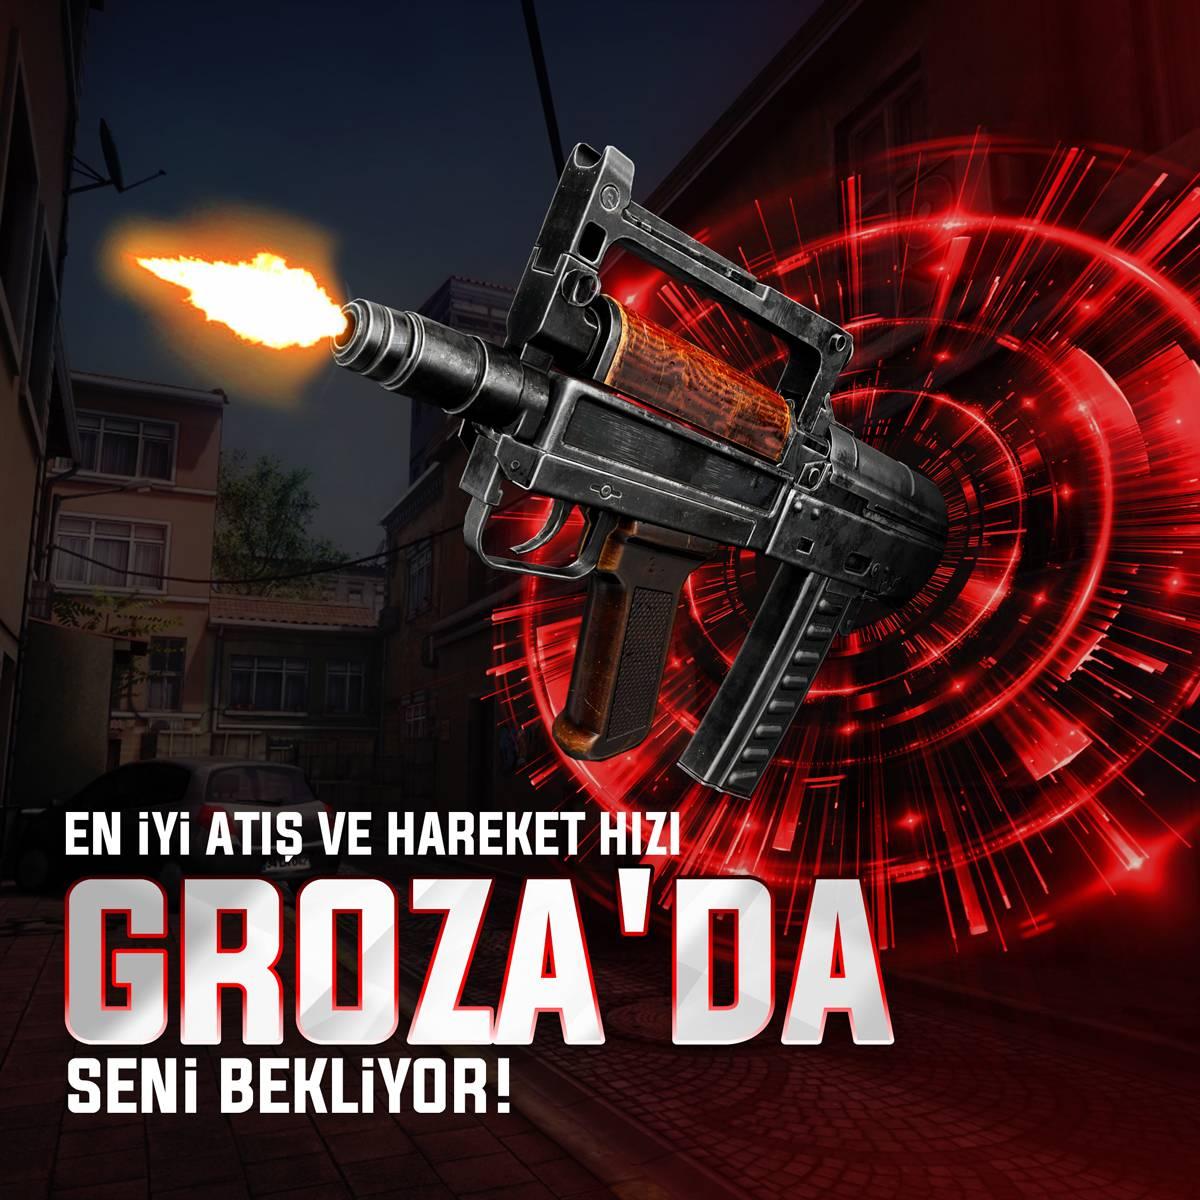 Groza-Zula